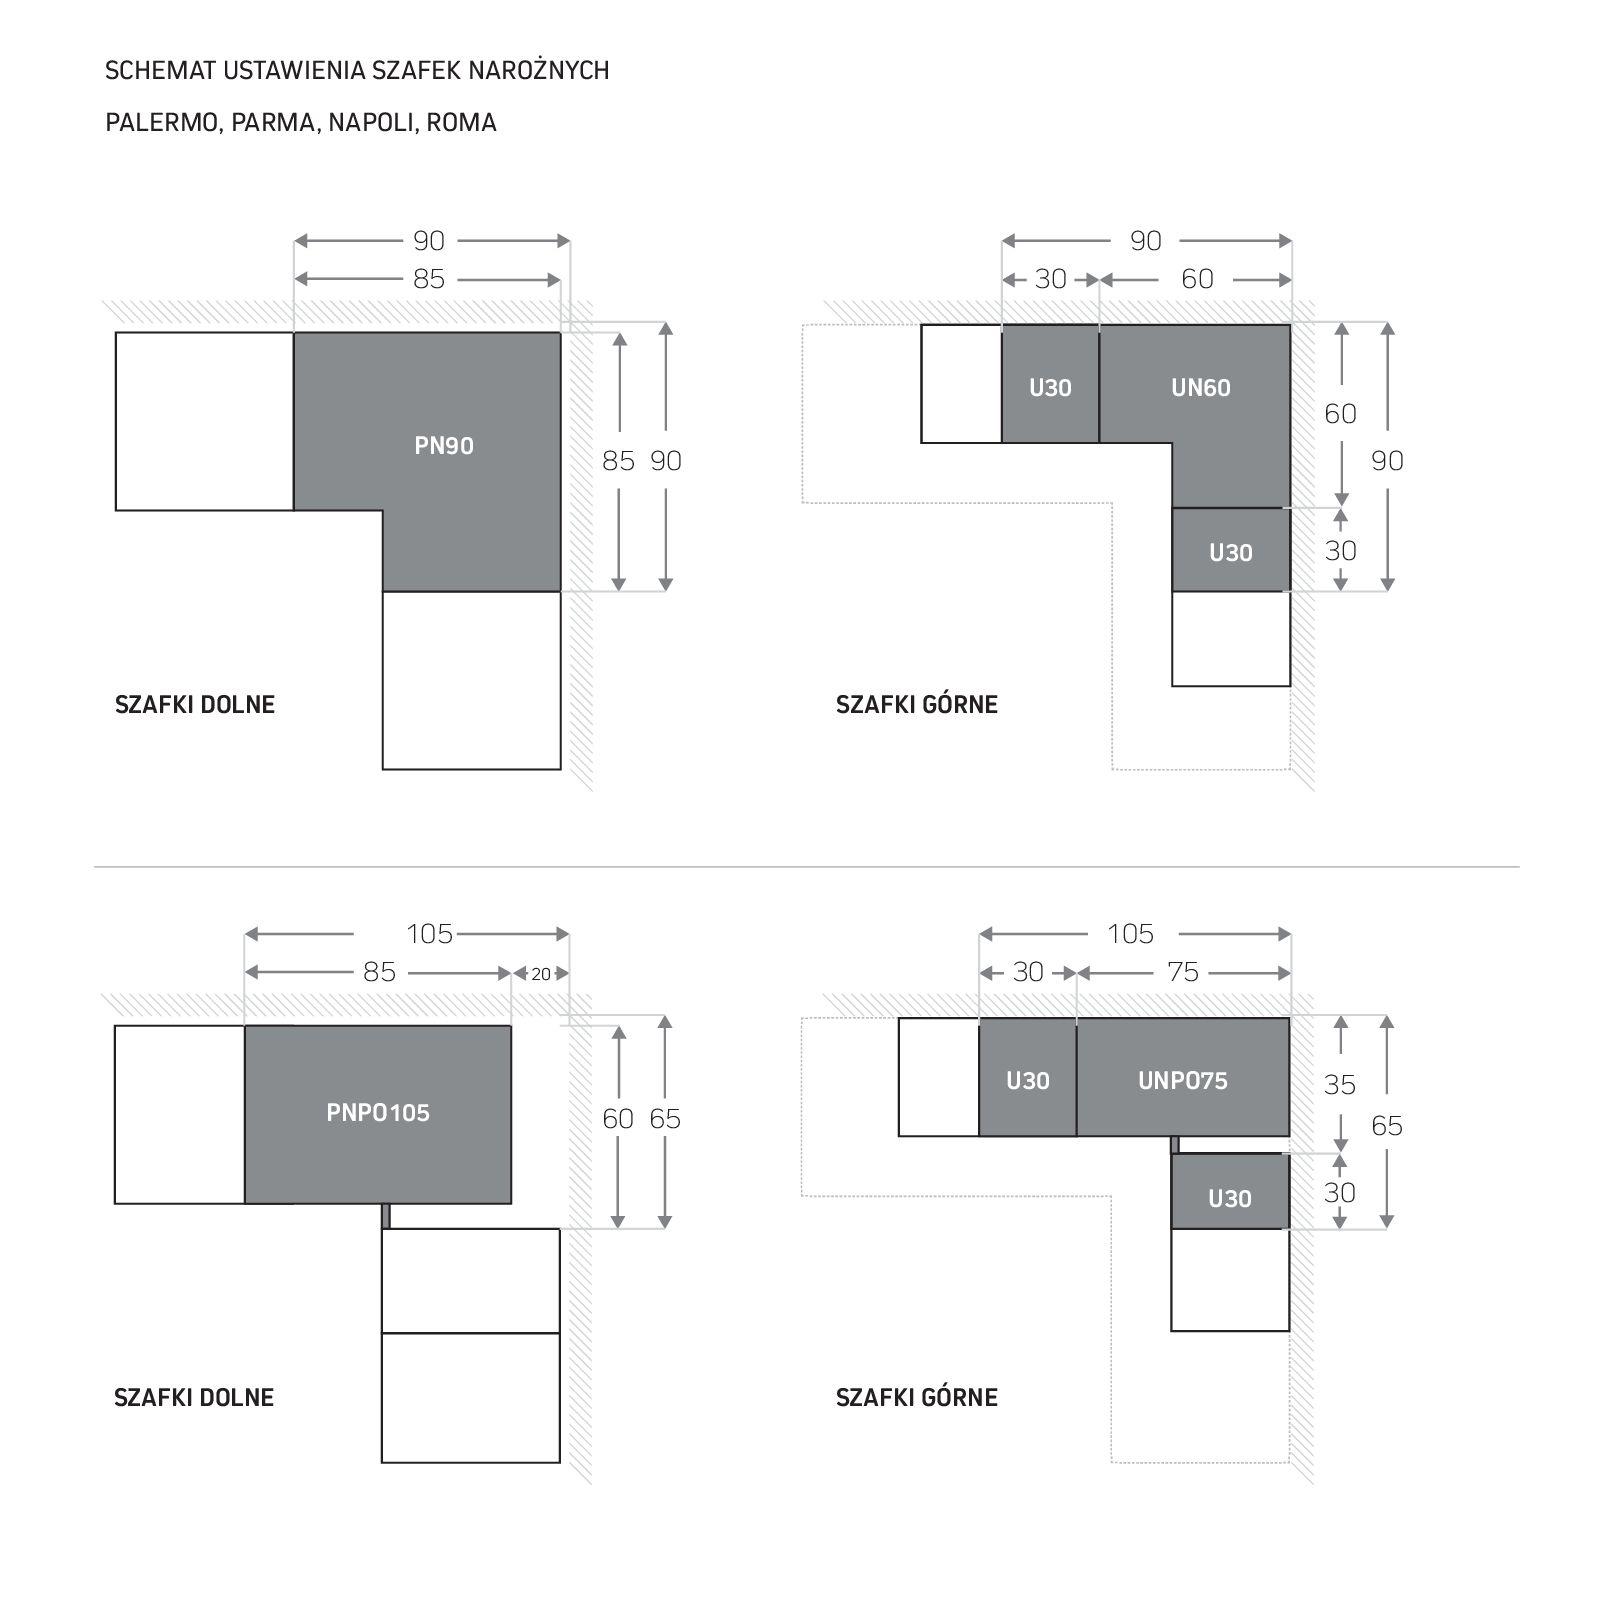 Gazetka Komfort: Gazetka Komfort - Katalog Kuchnie 2021 2021-06-16 page-72